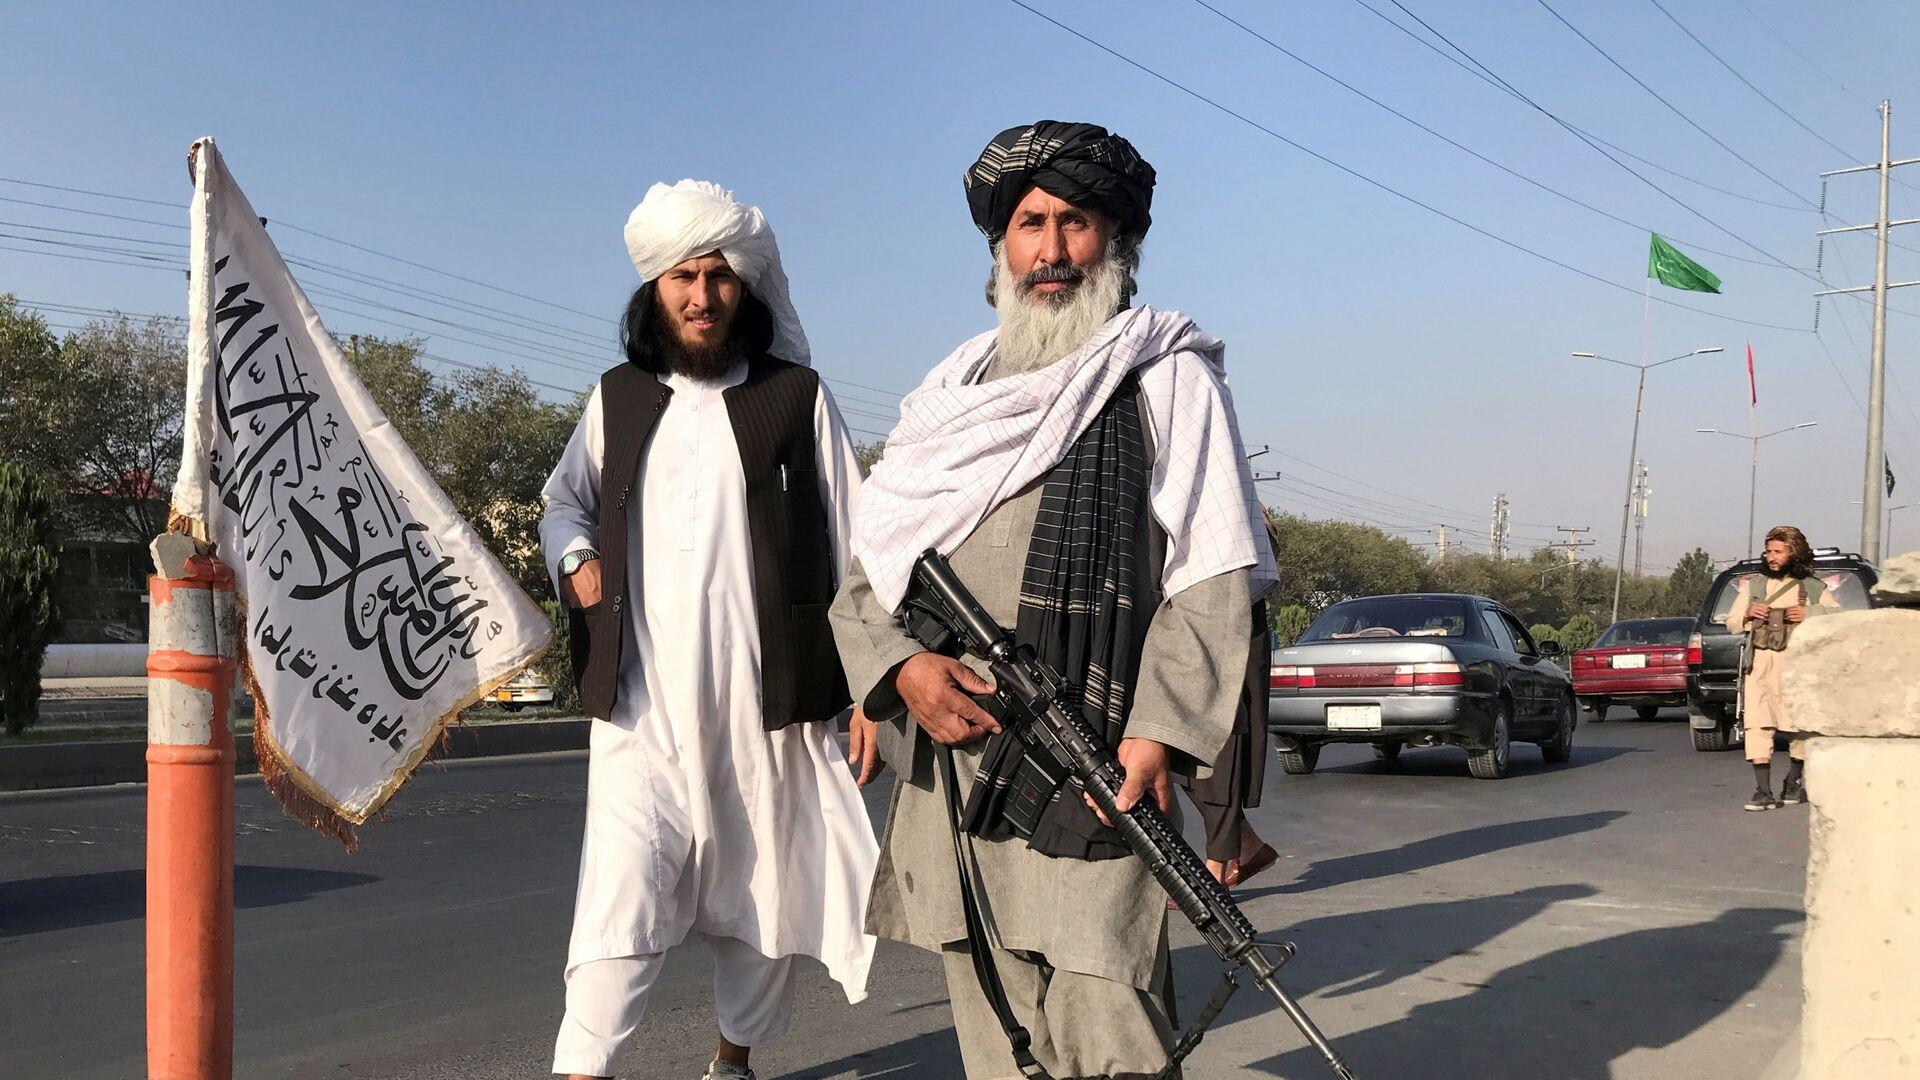 Un membro dei talebani con un M16 americano - Sputnik Italia, 1920, 28.08.2021